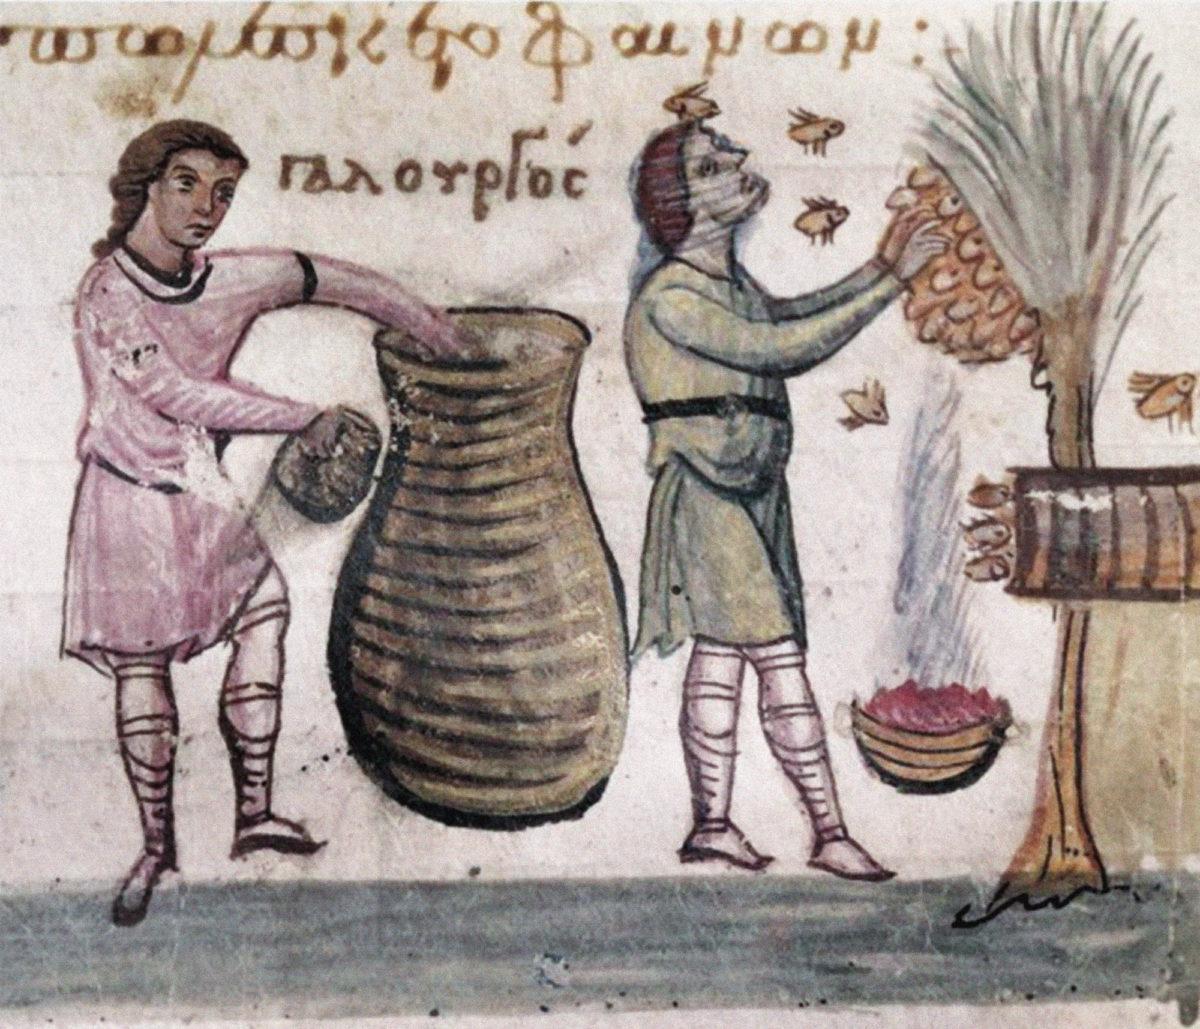 Μικρογραφία από το χειρόγραφο των «Κυνηγετικών» του Ψευδο-Οππιανού, κώδ. 479, φ. 62r, β' μισό του 11ου αι. Η προστατευτική προσωπίδα ενισχύει την απεικόνιση του Αρισταίου ως μελισσοκόμου (δεξιά).